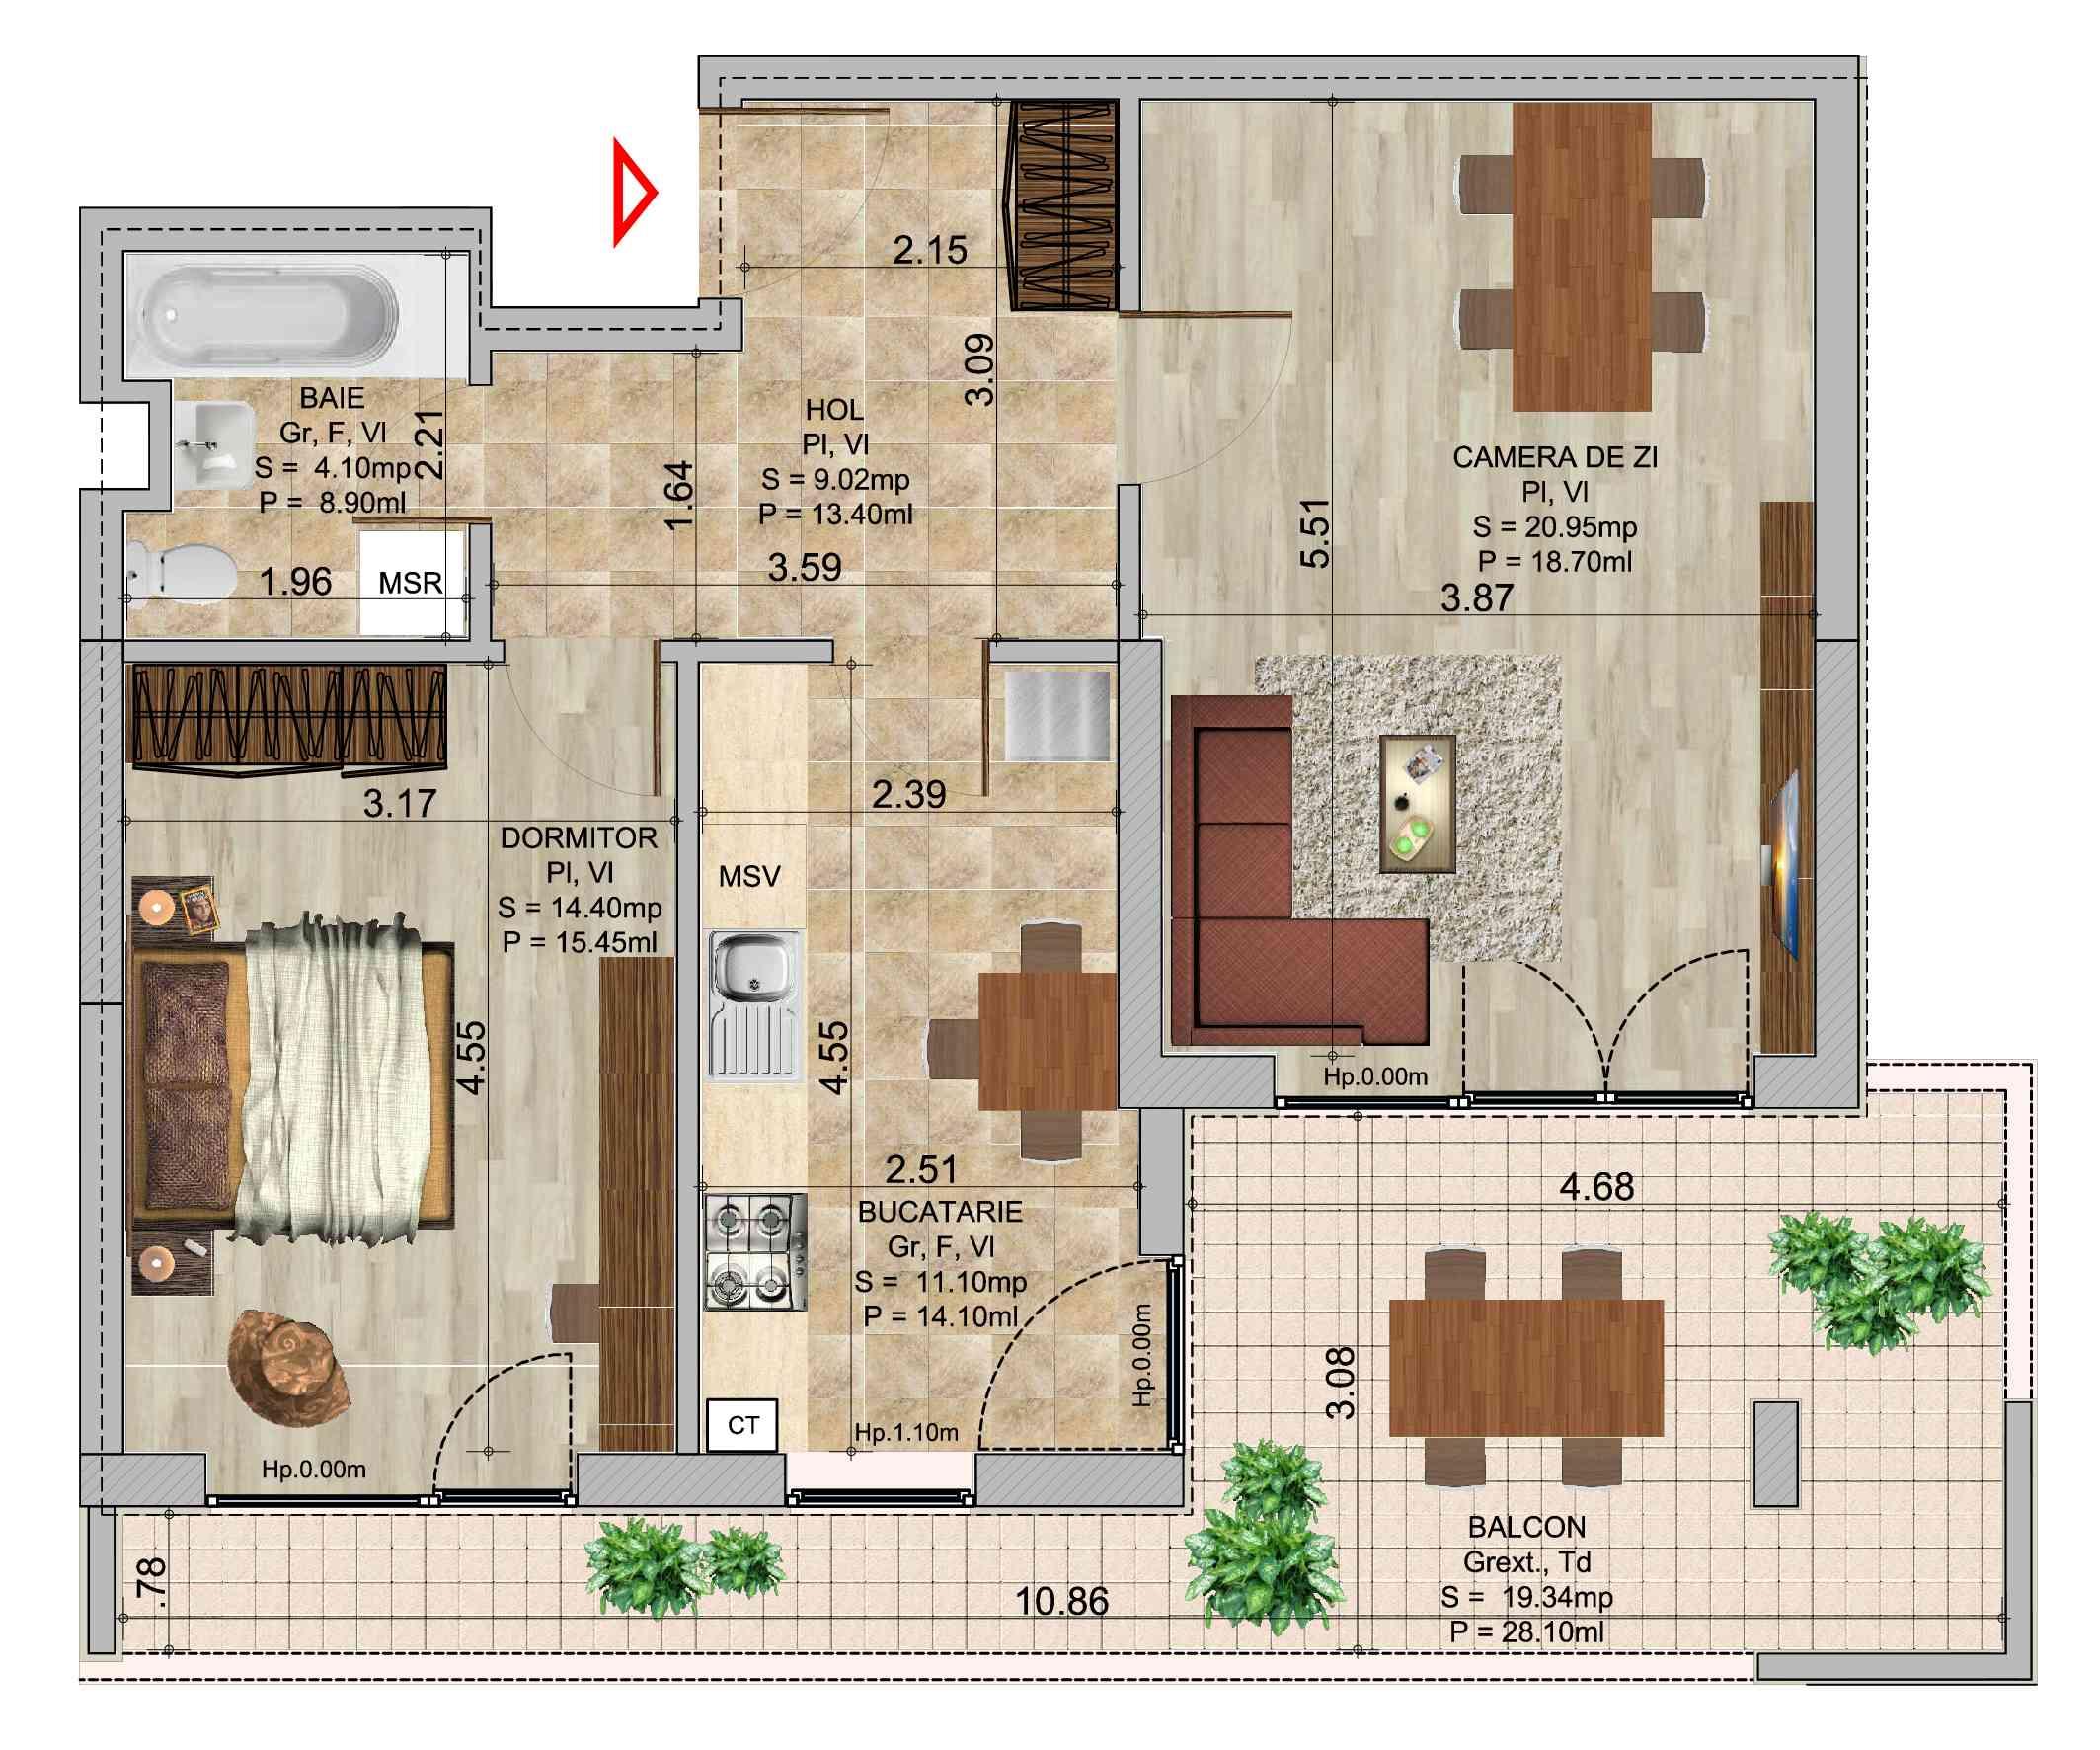 Apartament 2 camere tip 4b in ansamblul de blocuri Romco Rezidential